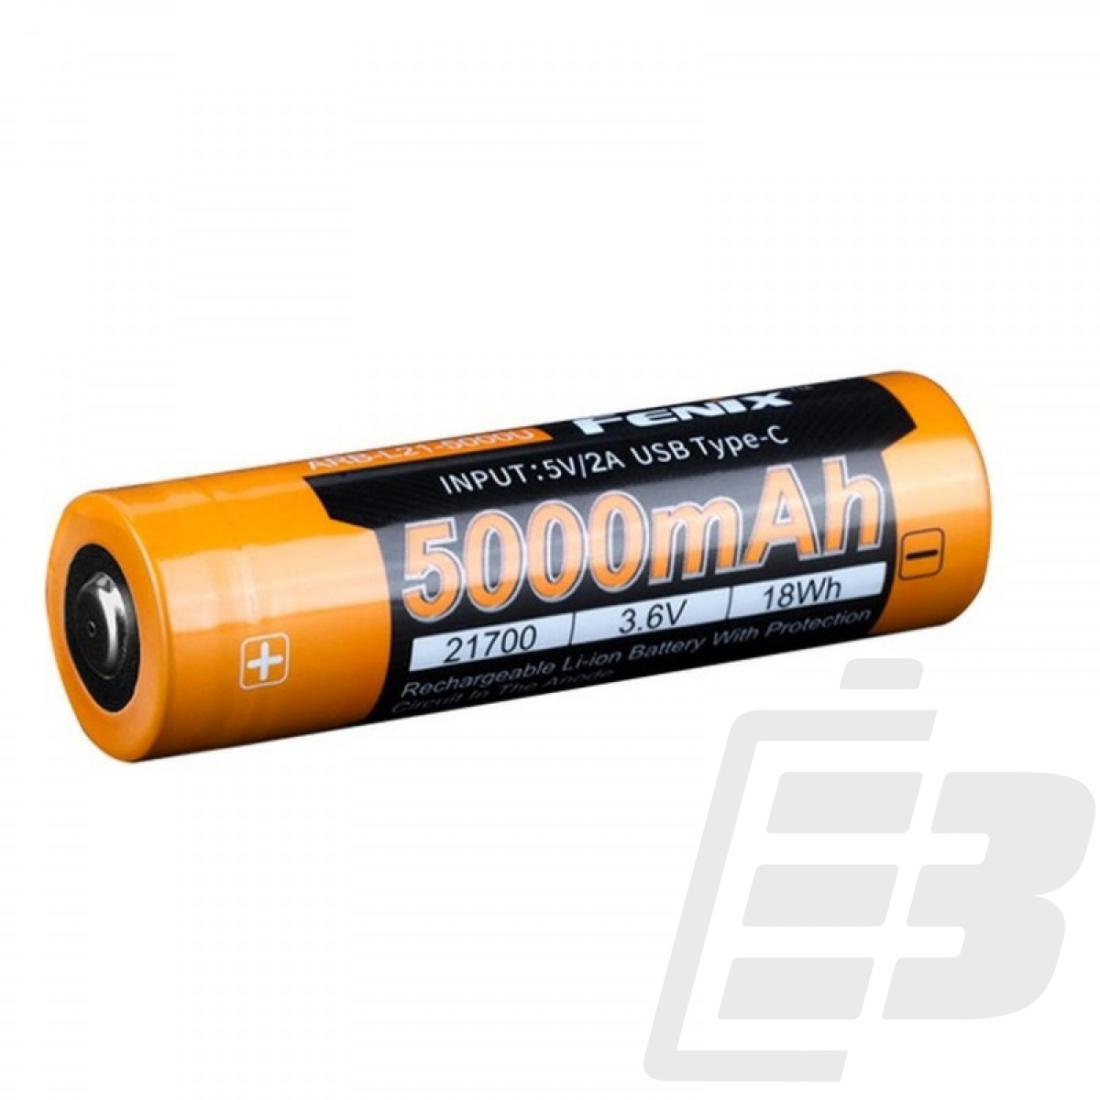 Fenix ARB-L21-5000U 21700 Li-ion Battery 5000mah